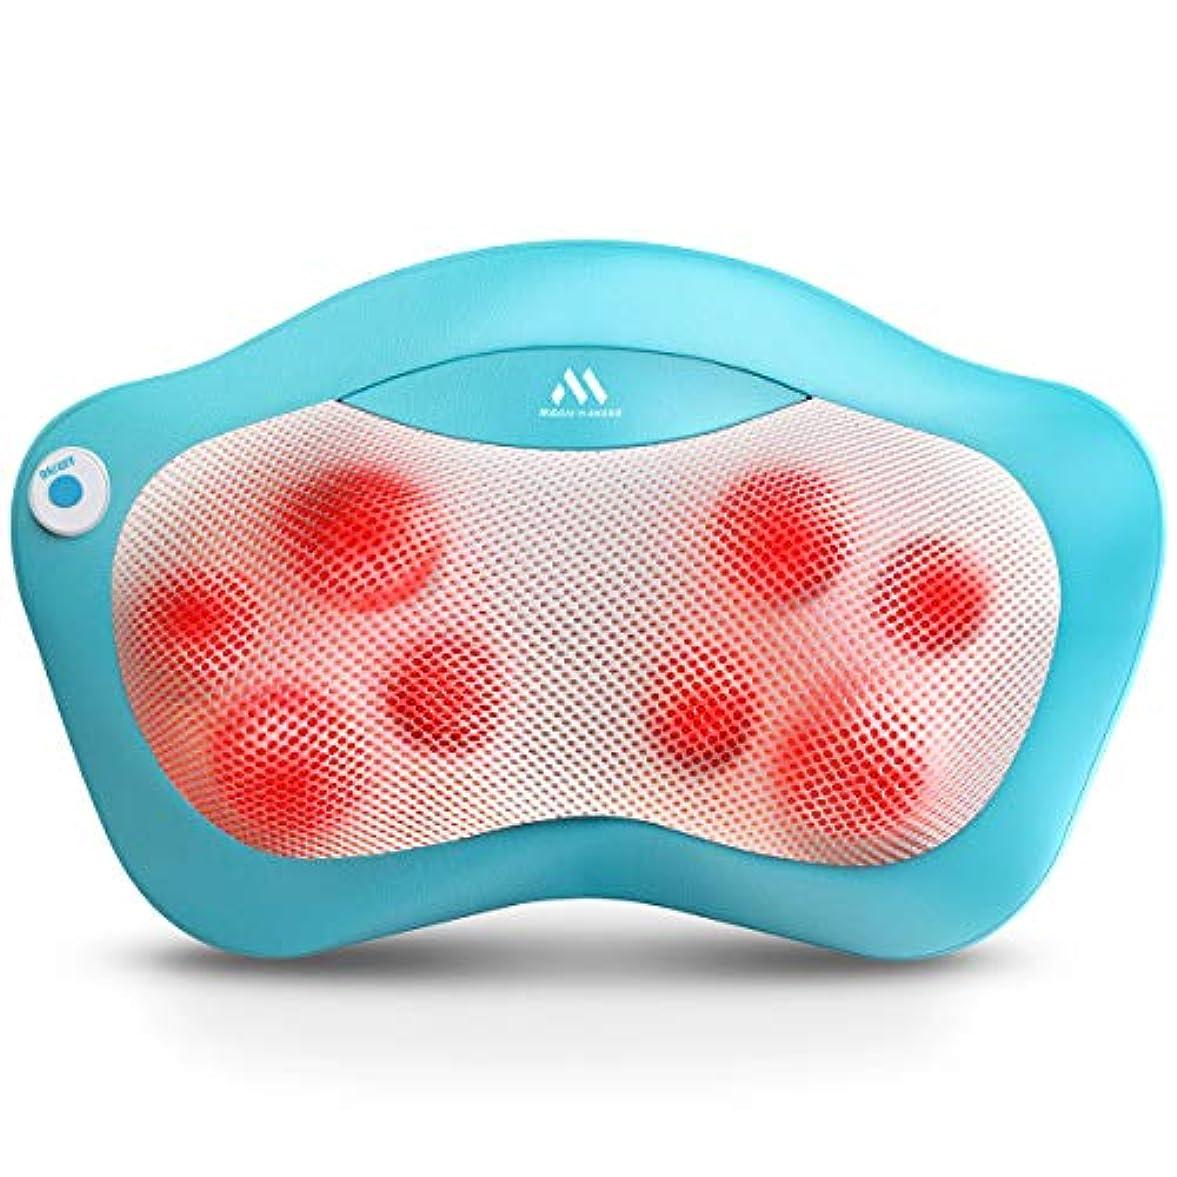 フォーマット慣れる懐疑的Shiatsu Back Neck and Shoulder Massager with Heat - Deep Tissue 3D Kneading Massage Pillow - Electric 8 Rollers...